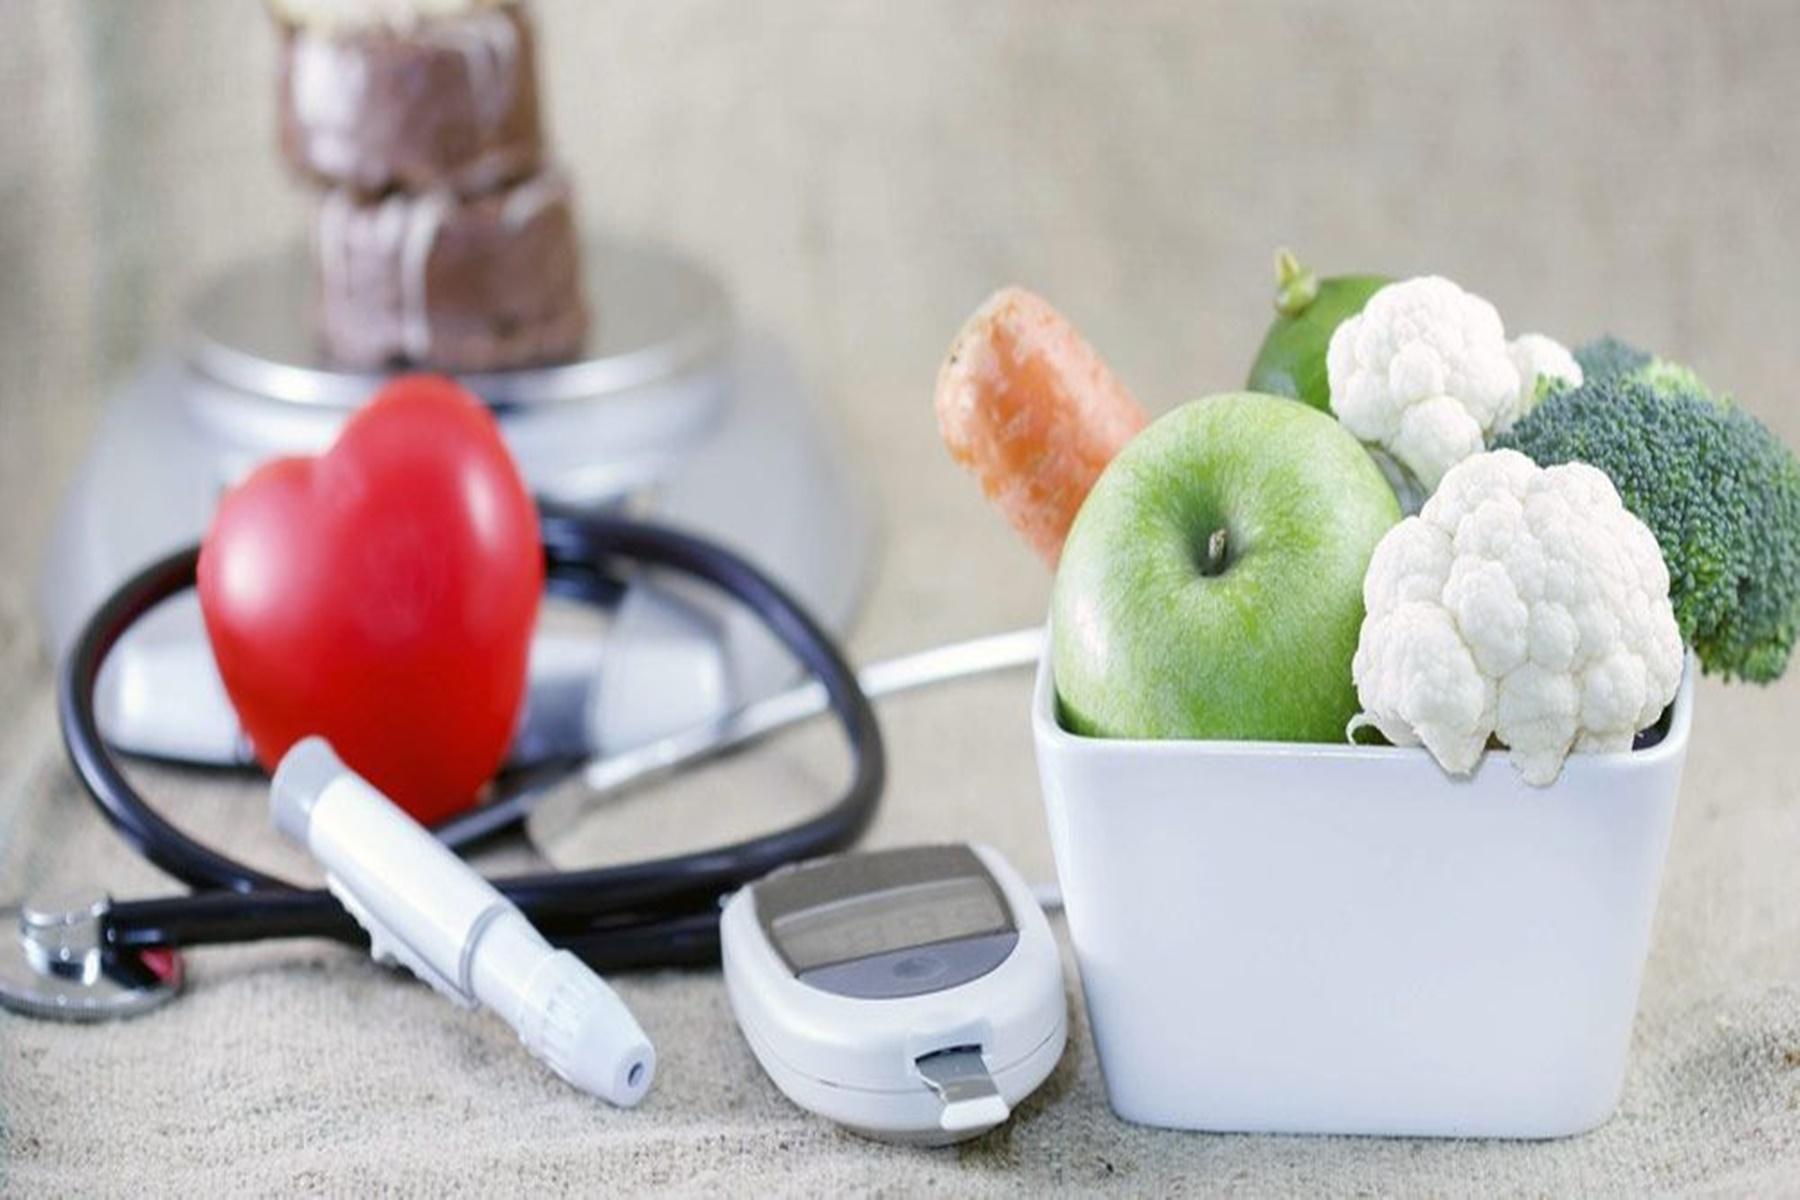 Διαβήτης : Αυτά τα τρόφιμα πρέπει να αποφύγετε